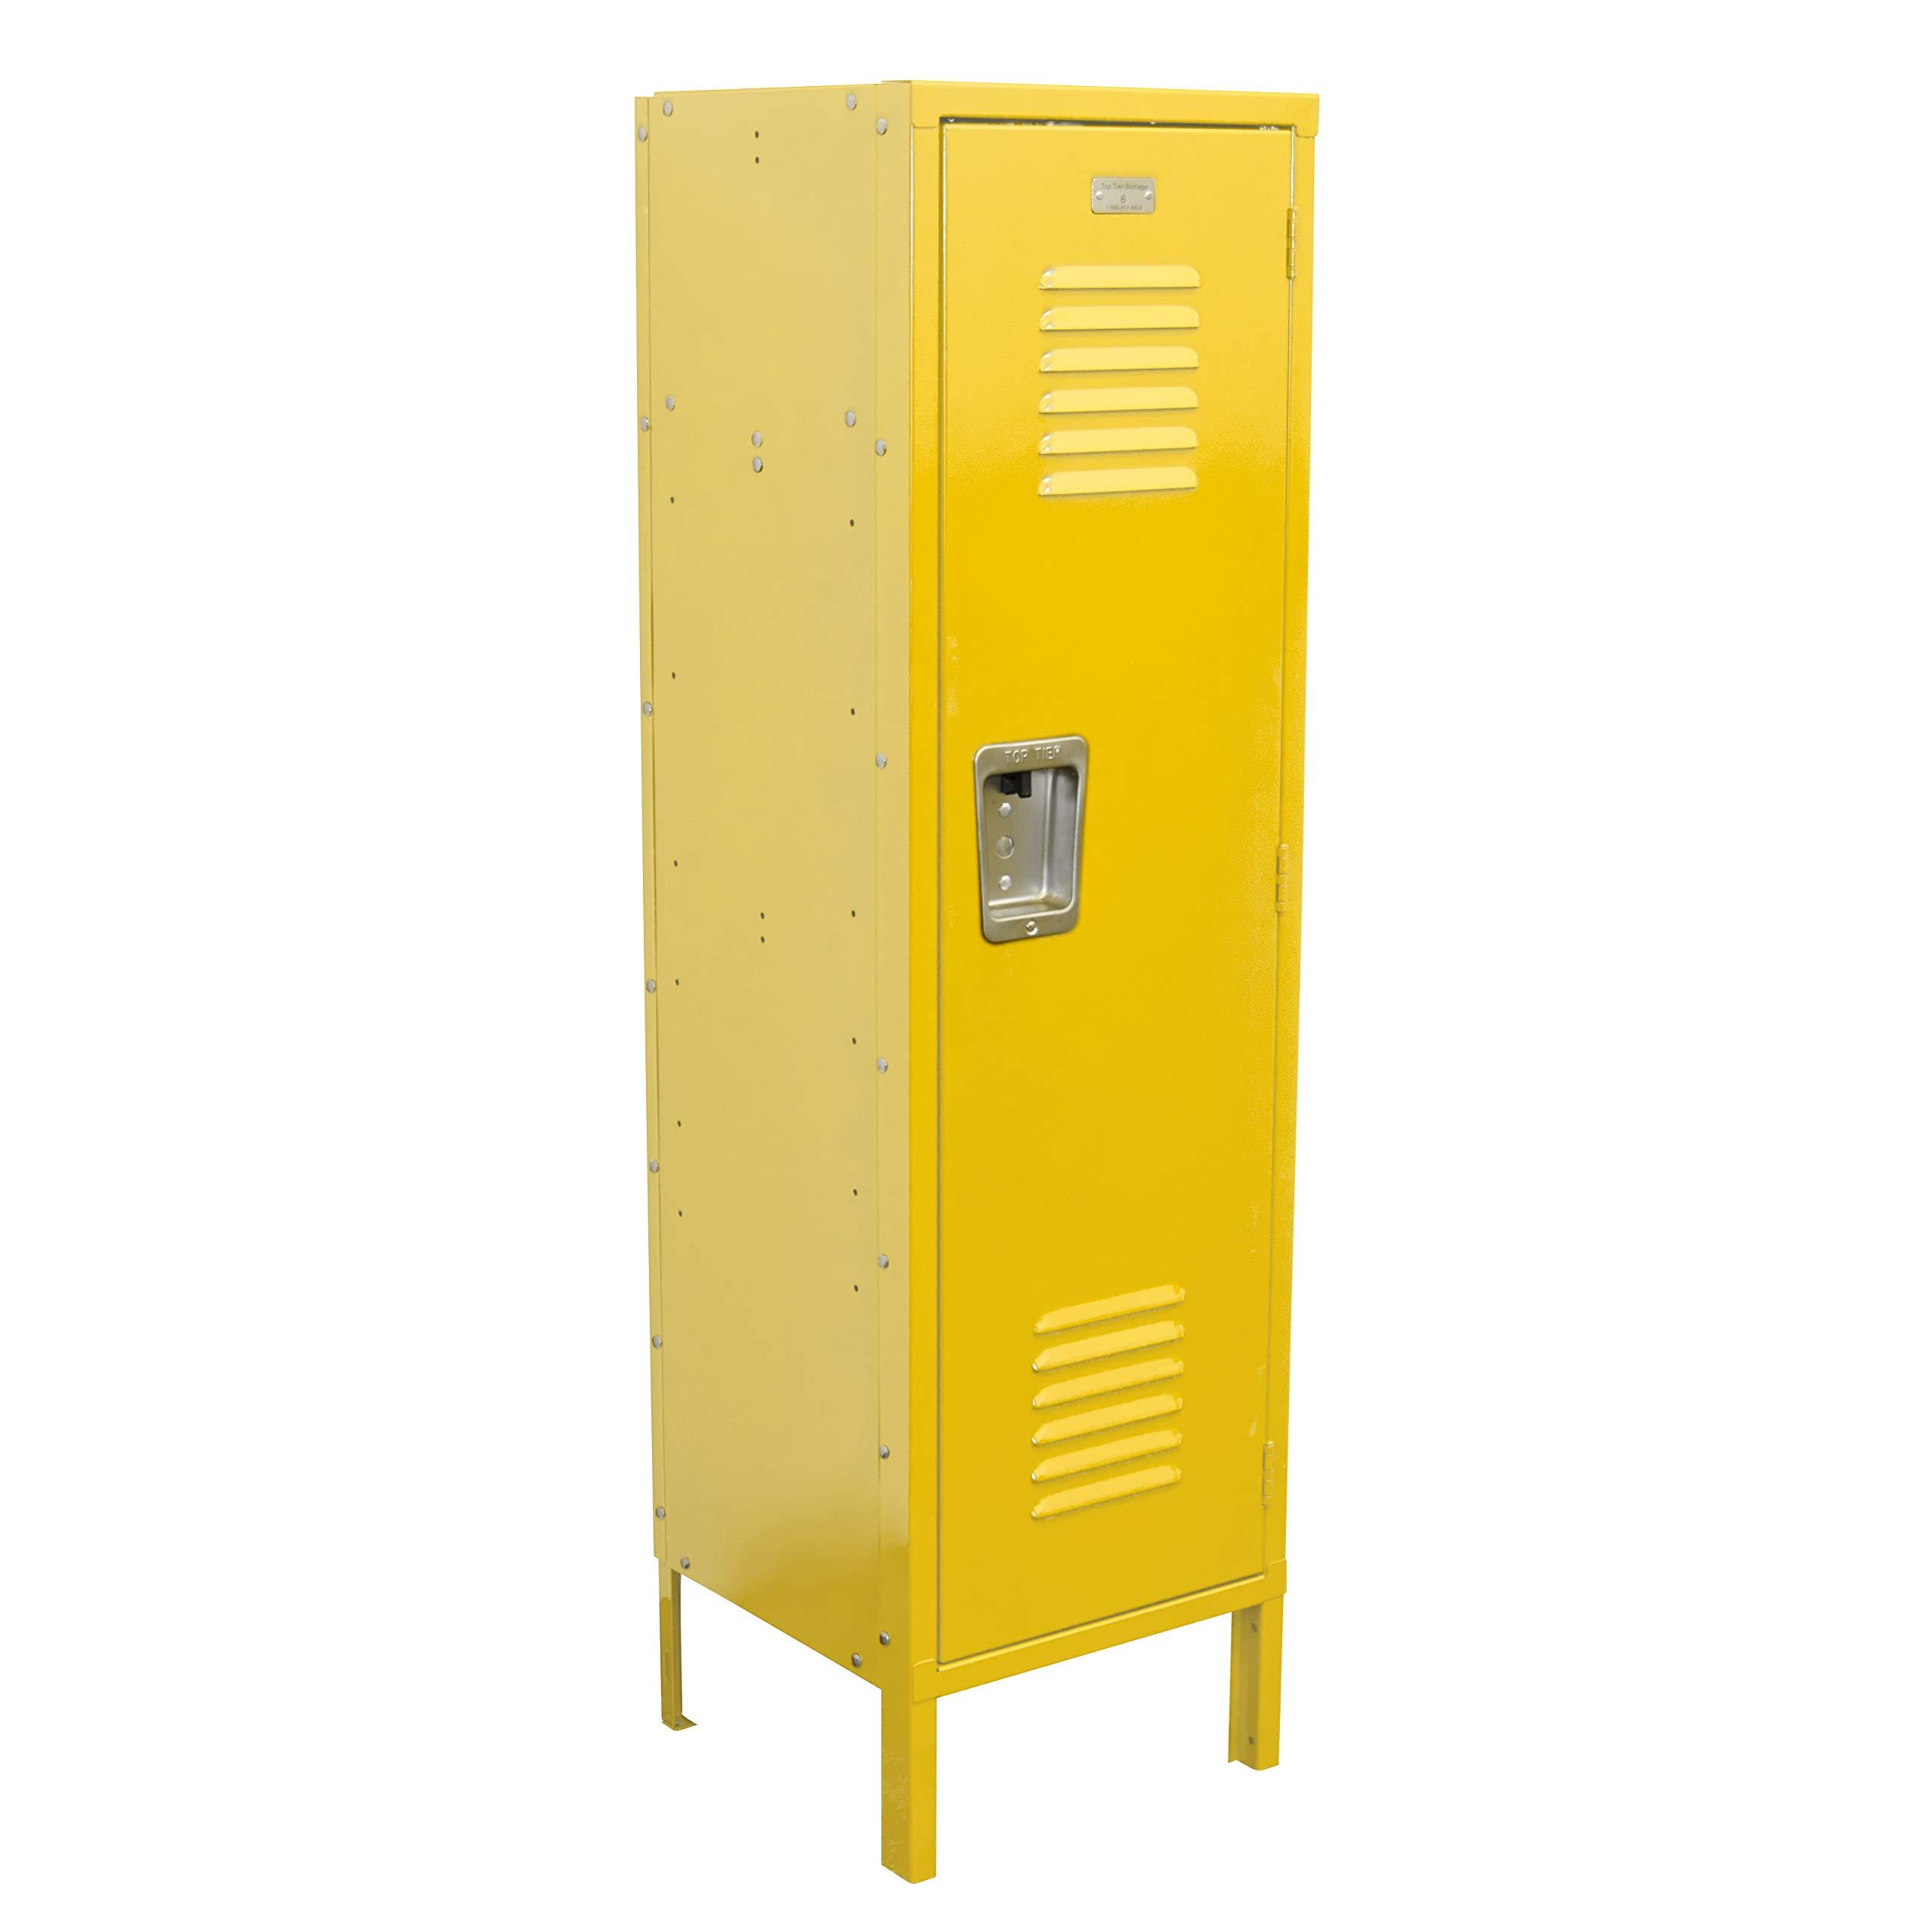 Kids Locker 15W x 15D x 54H Unassembled in 8 Amazing Colors (Yellow)